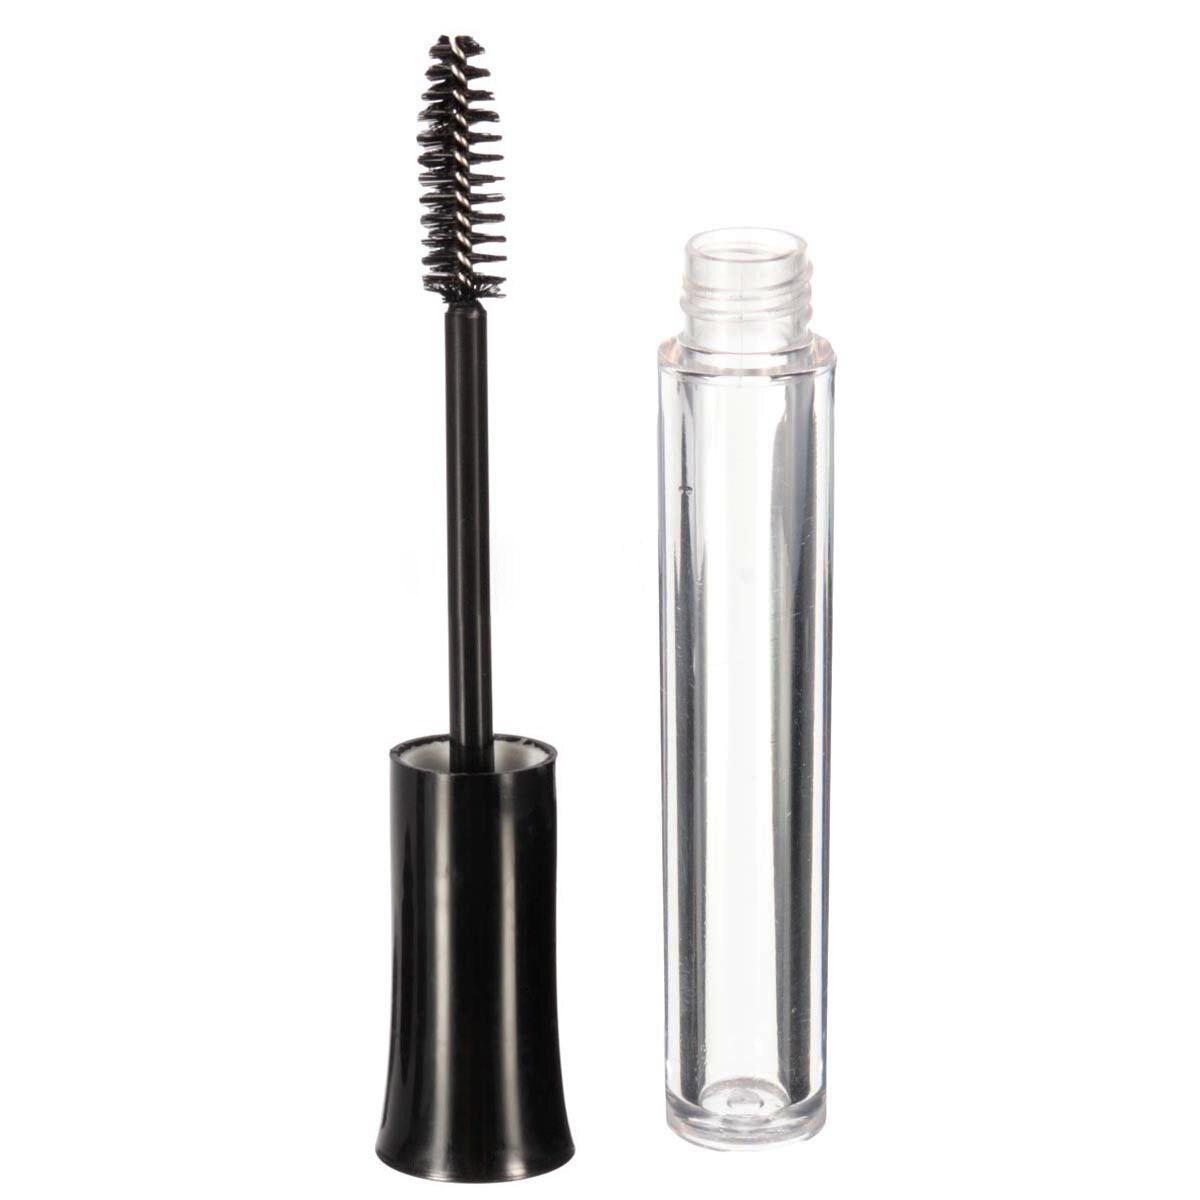 Reutilizável 5 ml Vazio Tubo Recipiente Mascara Cílios Maquiagem Cosméticos  Quantidade  10 pcs 8fde21ef57